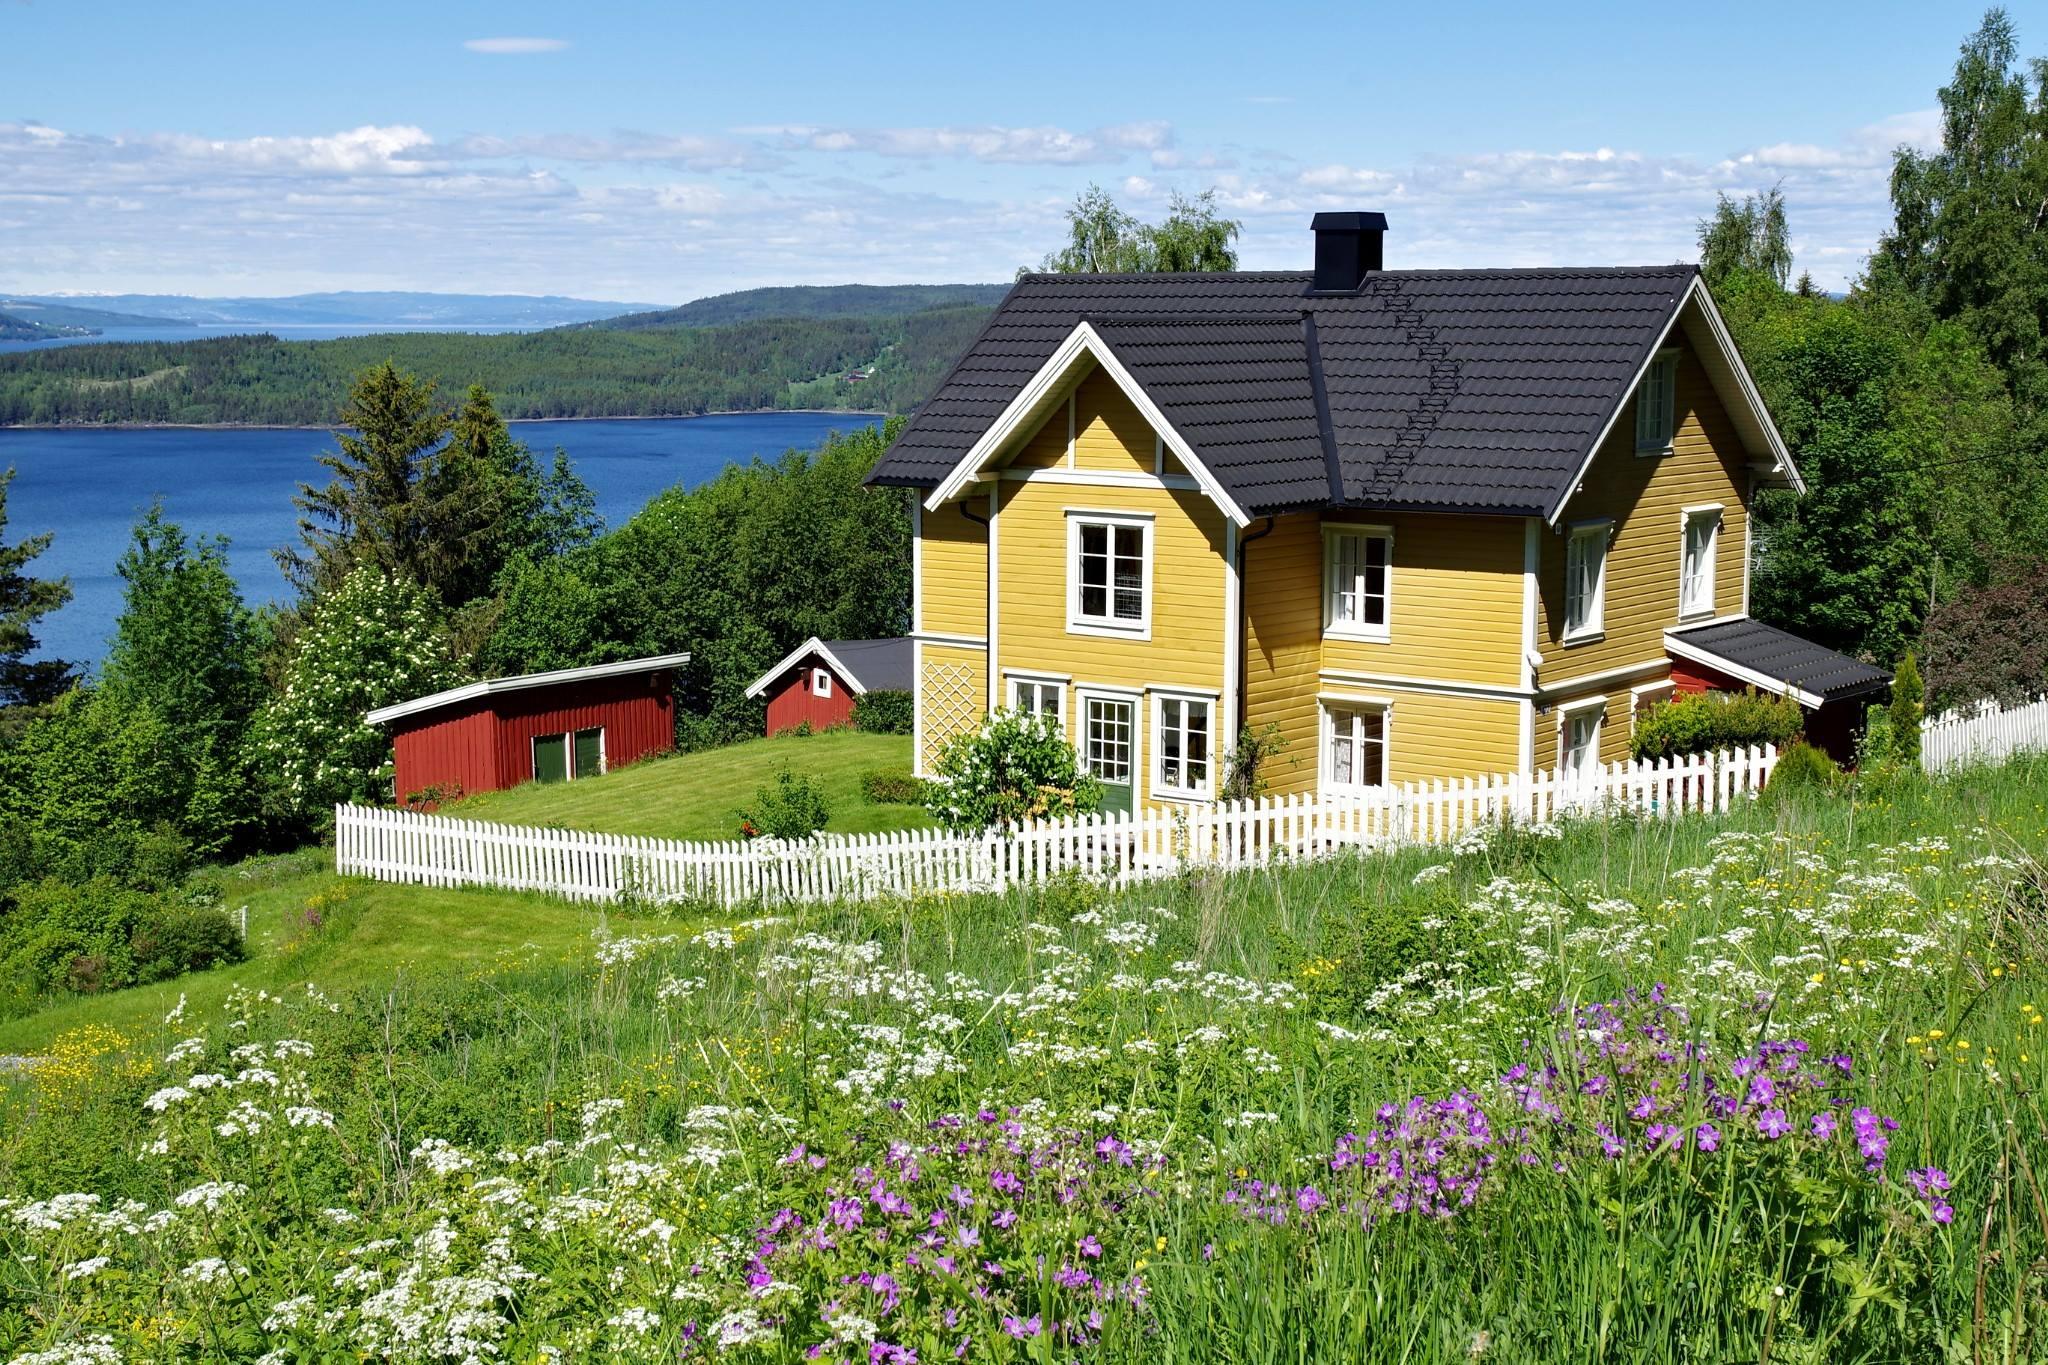 Norwegen, 15.06.2015